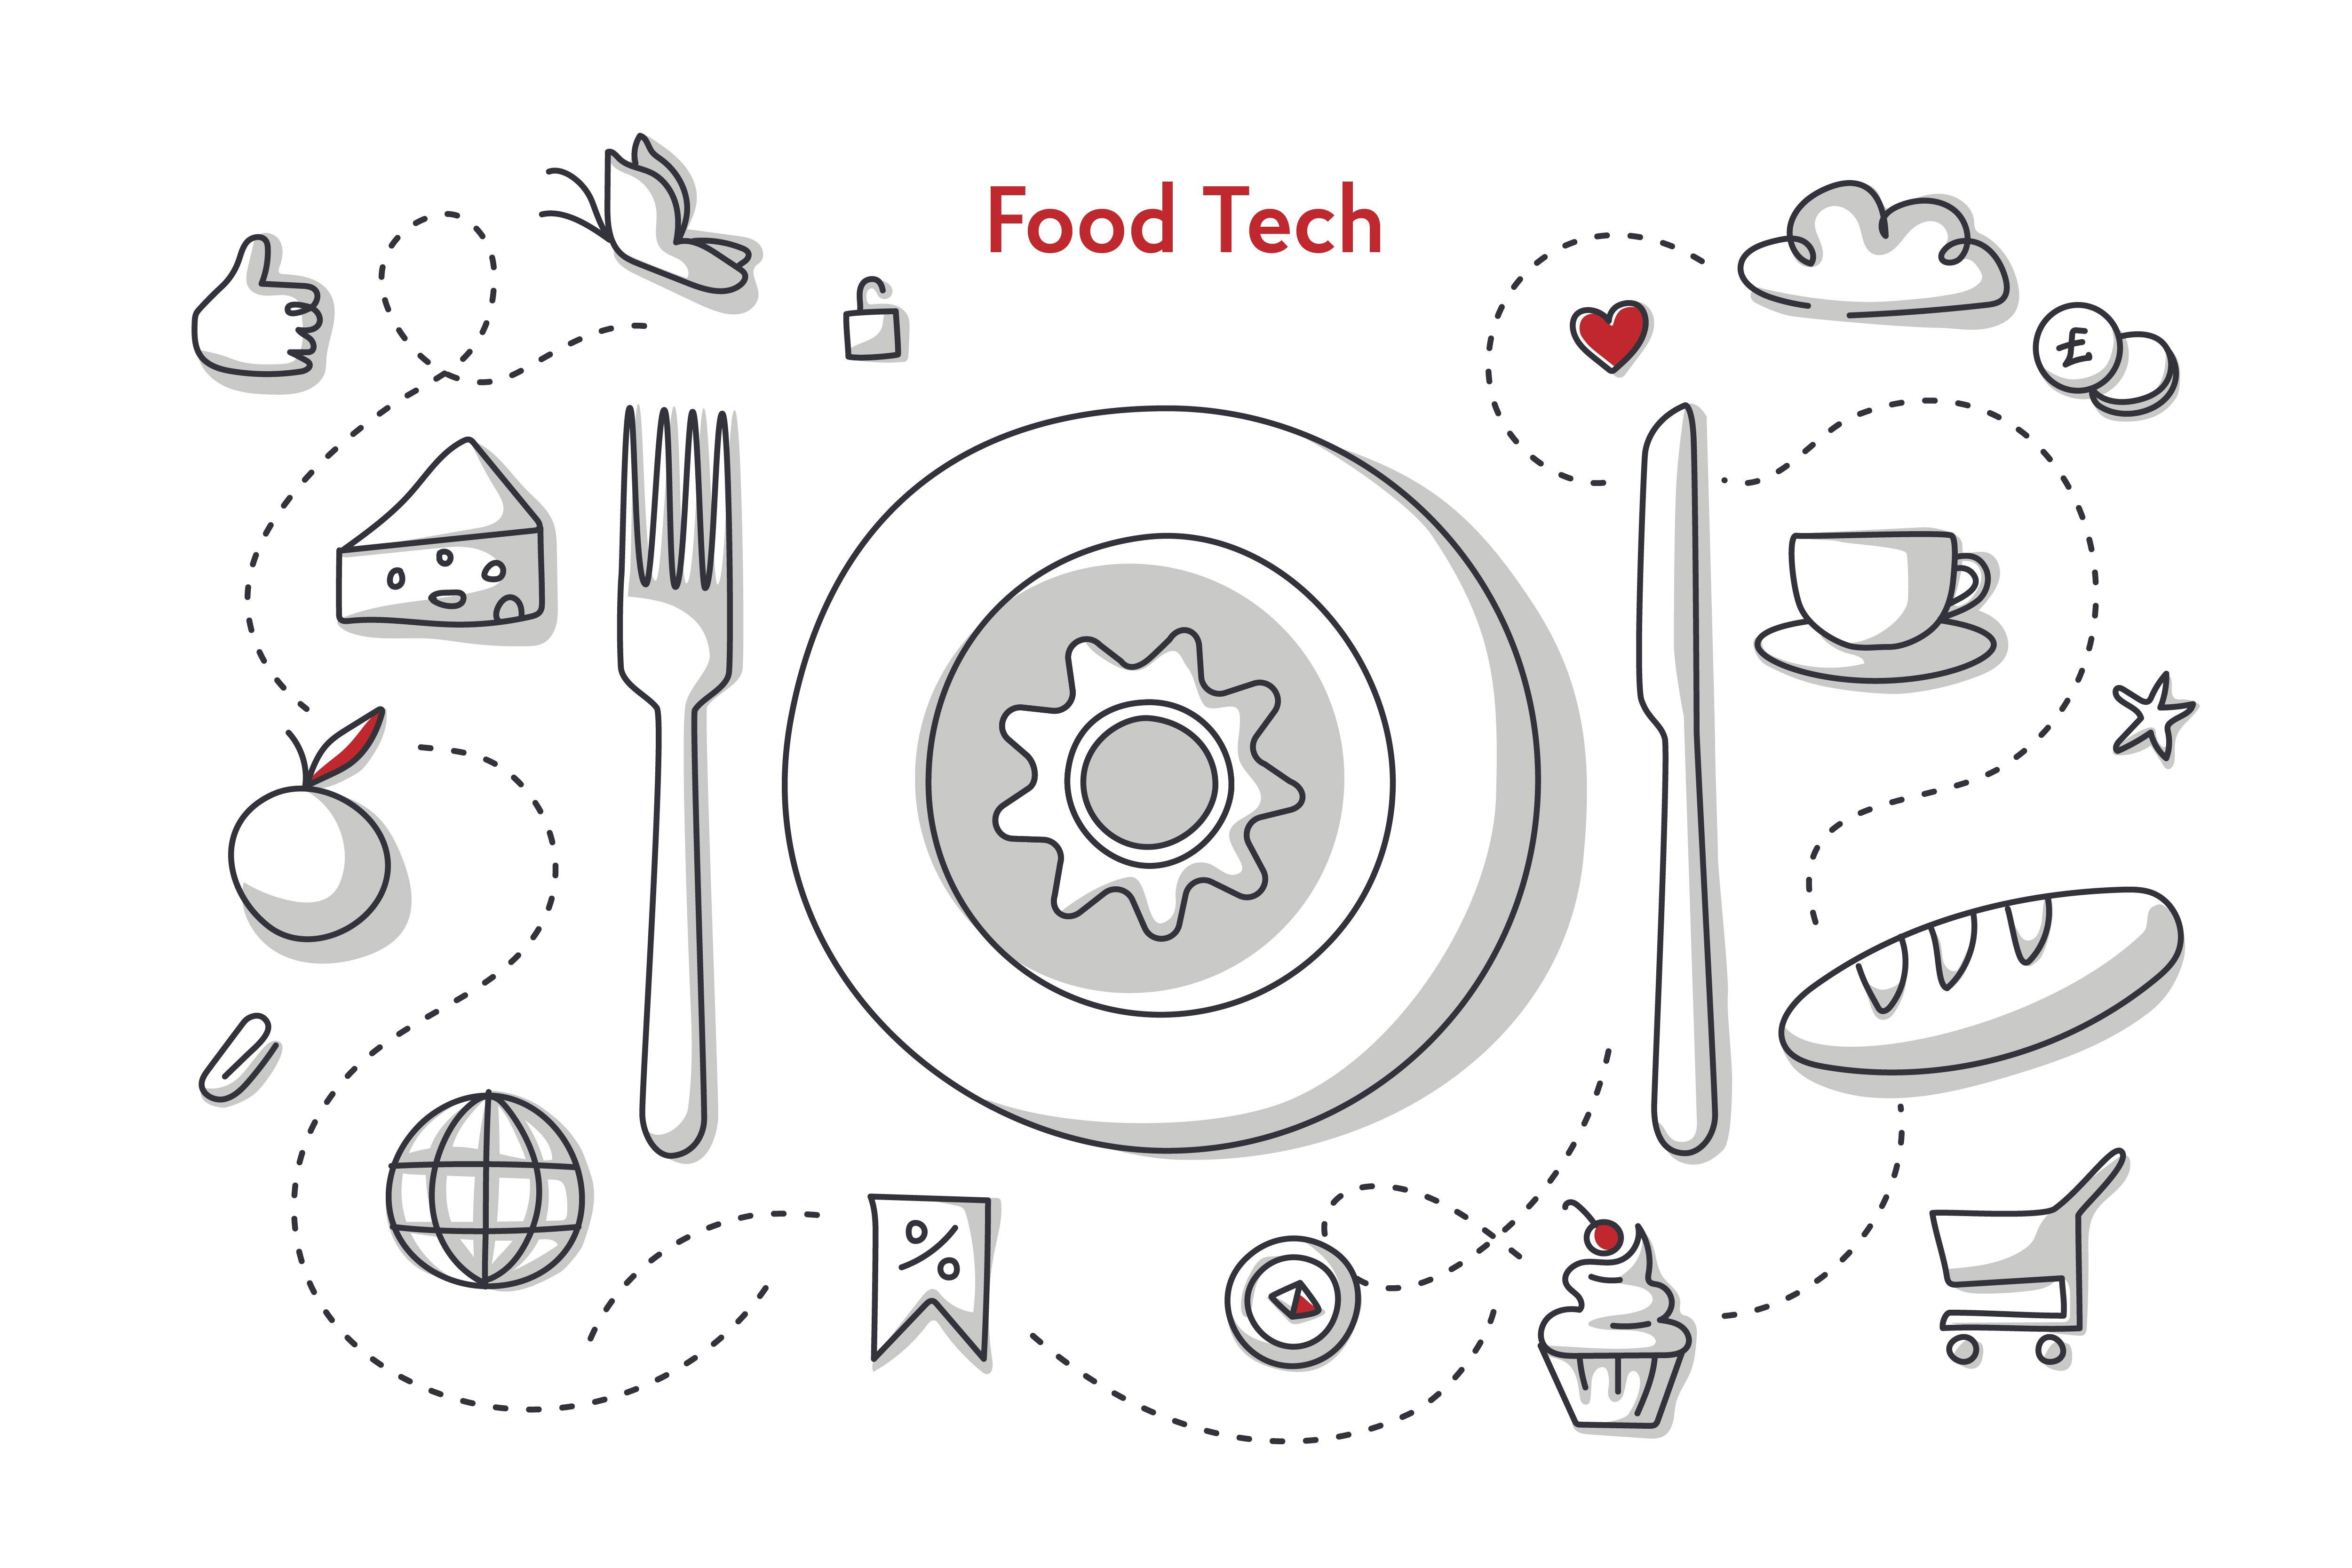 Промо для програми FoodTech